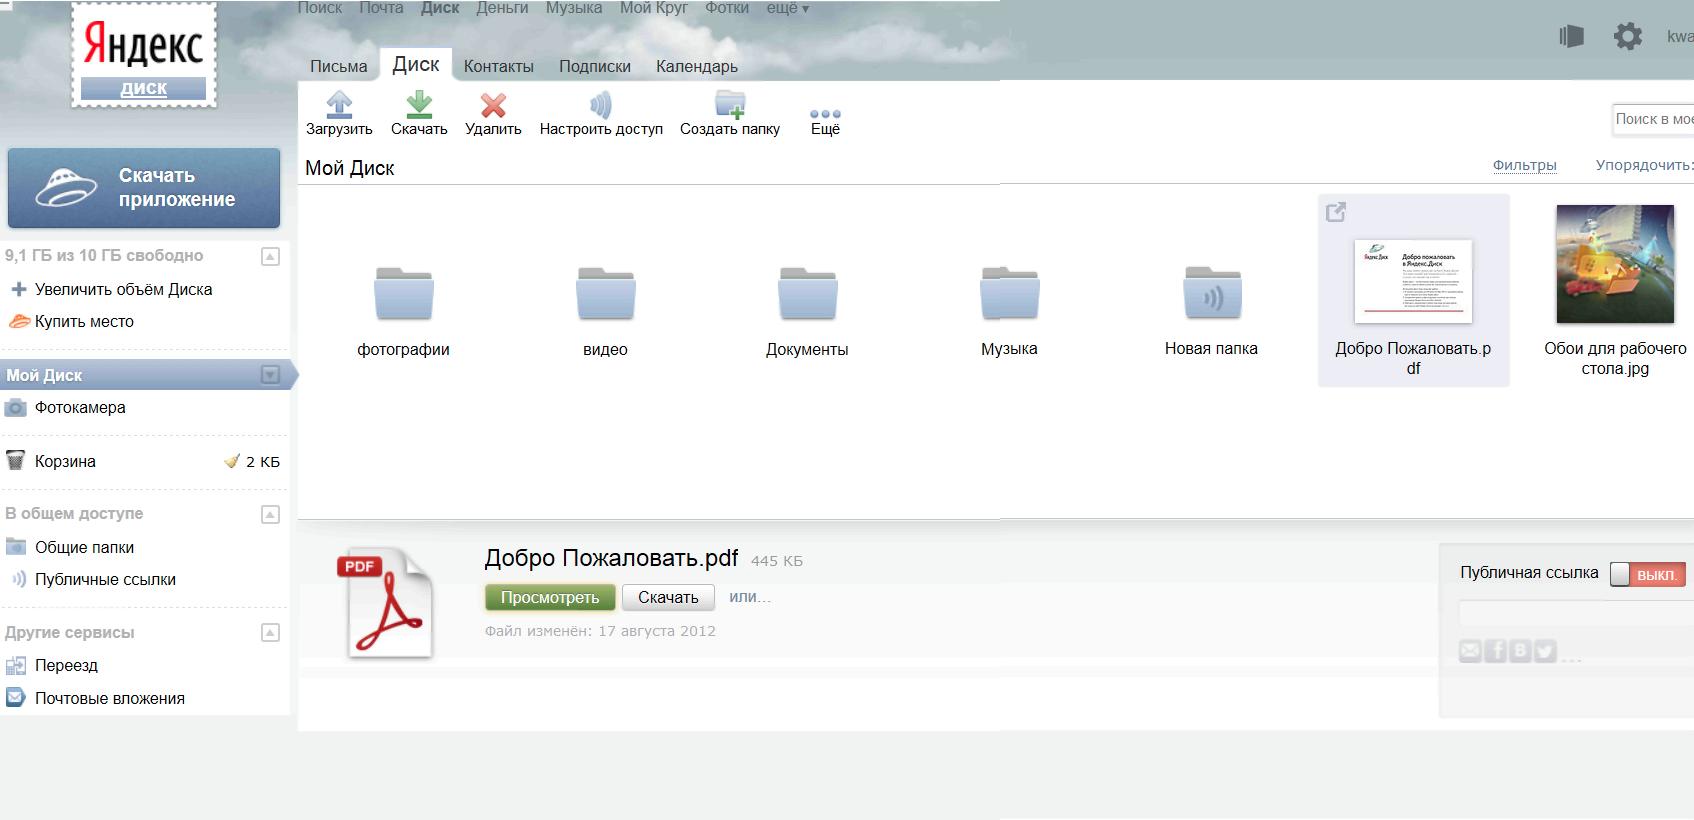 хранение и отправка файлов больших размеров